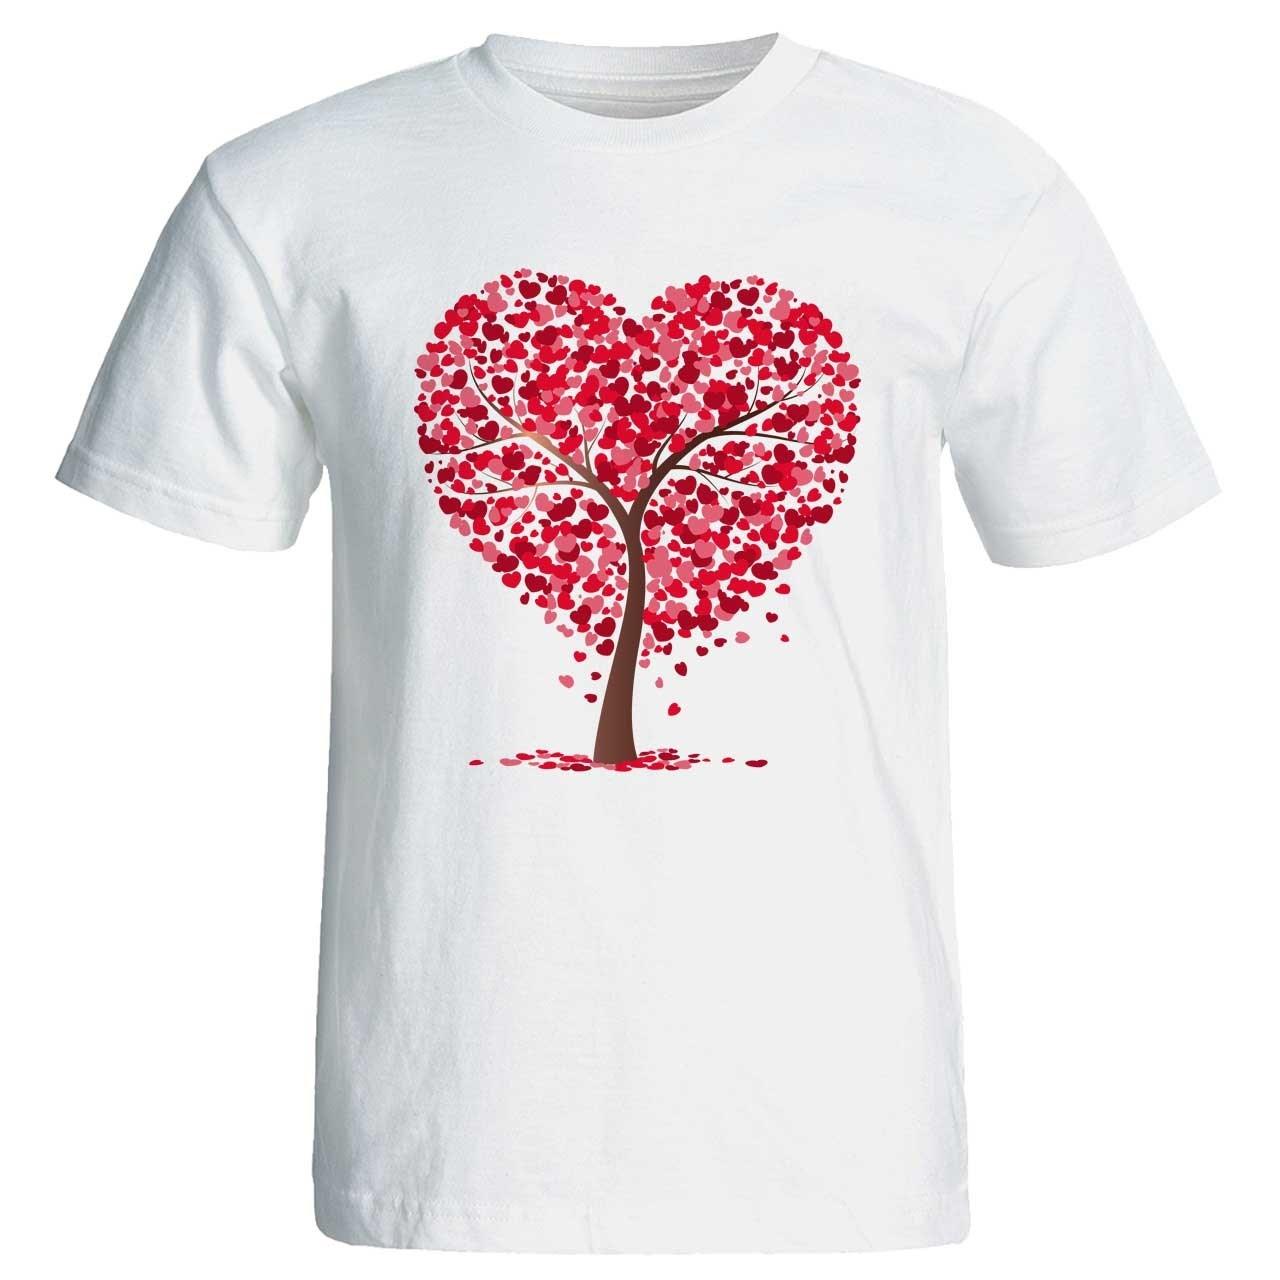 تی شرت زنانه پارس طرح کارتونی درخت قلبی کد 3644